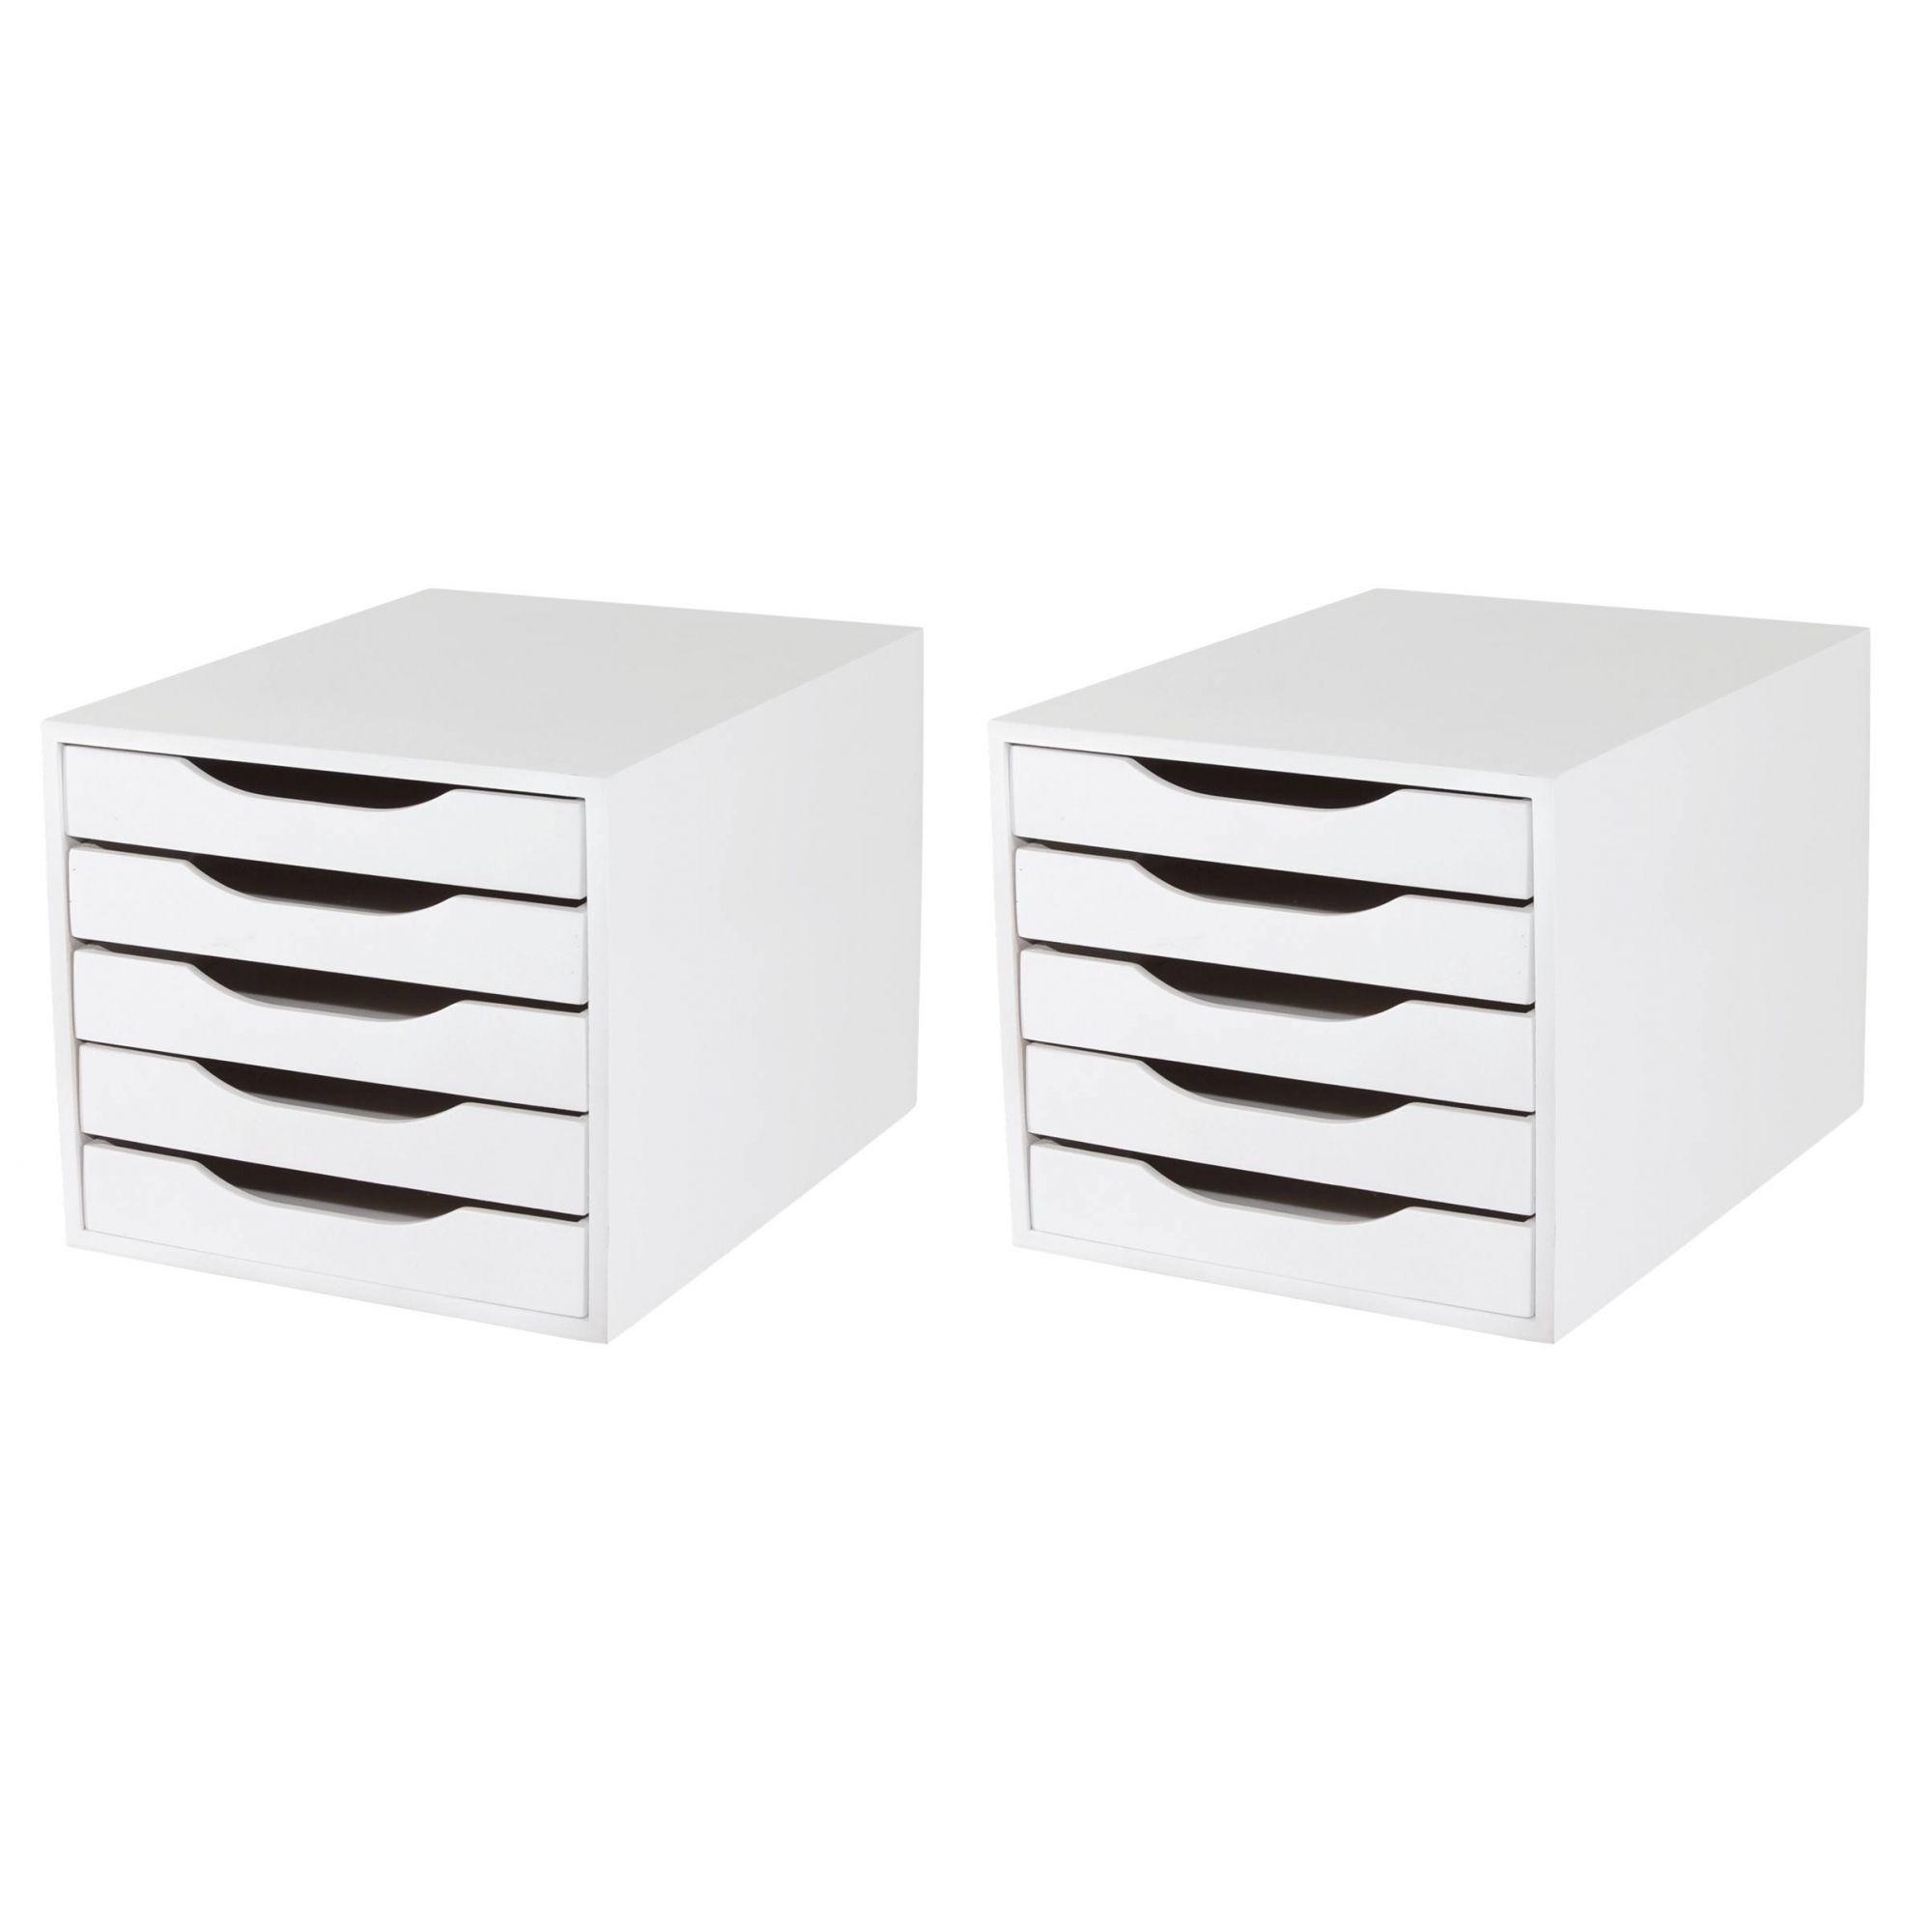 CONJ 2 Caixa Arquivo Em MDF Branco Com 5 Gavetas Brancas - Souza Referência 3306